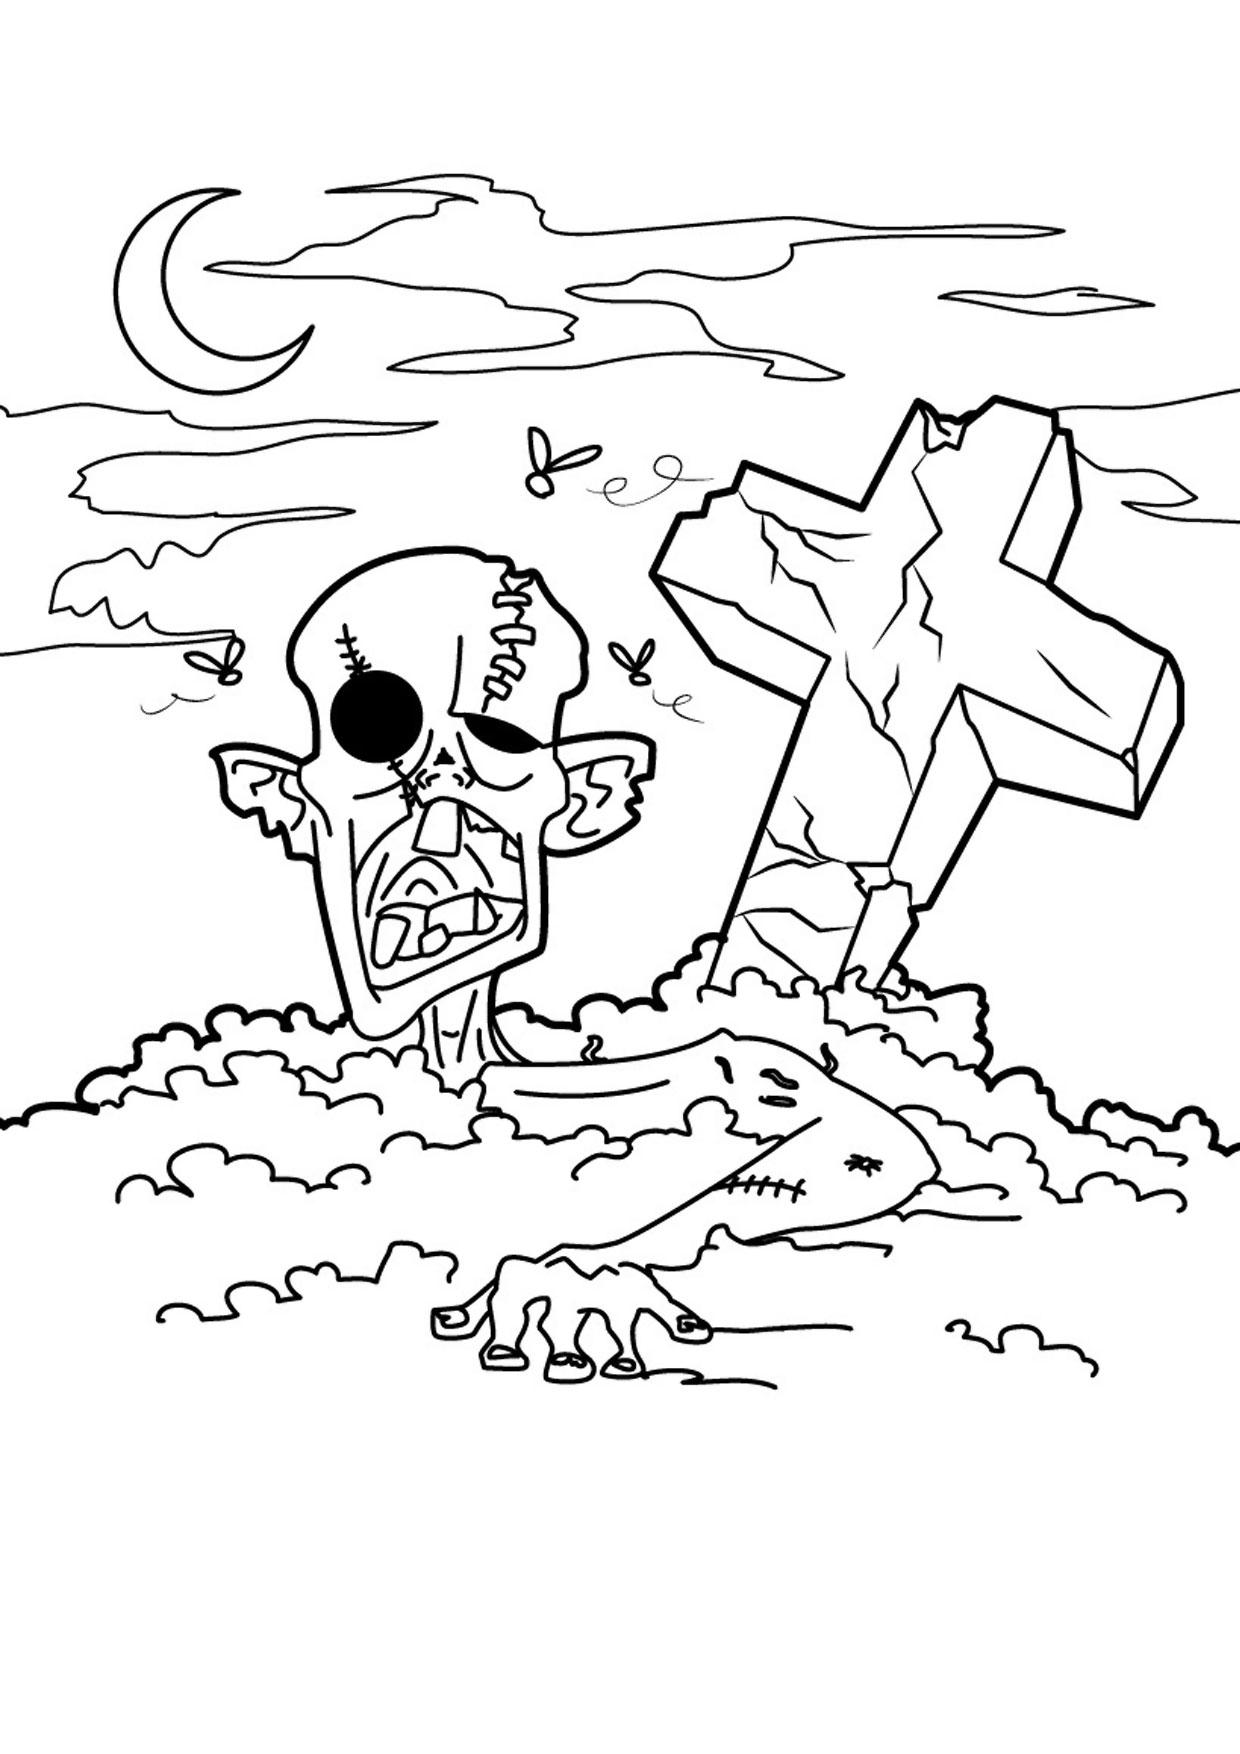 30 disegni spaventosi di halloween da colorare for Disegni di squali per bambini